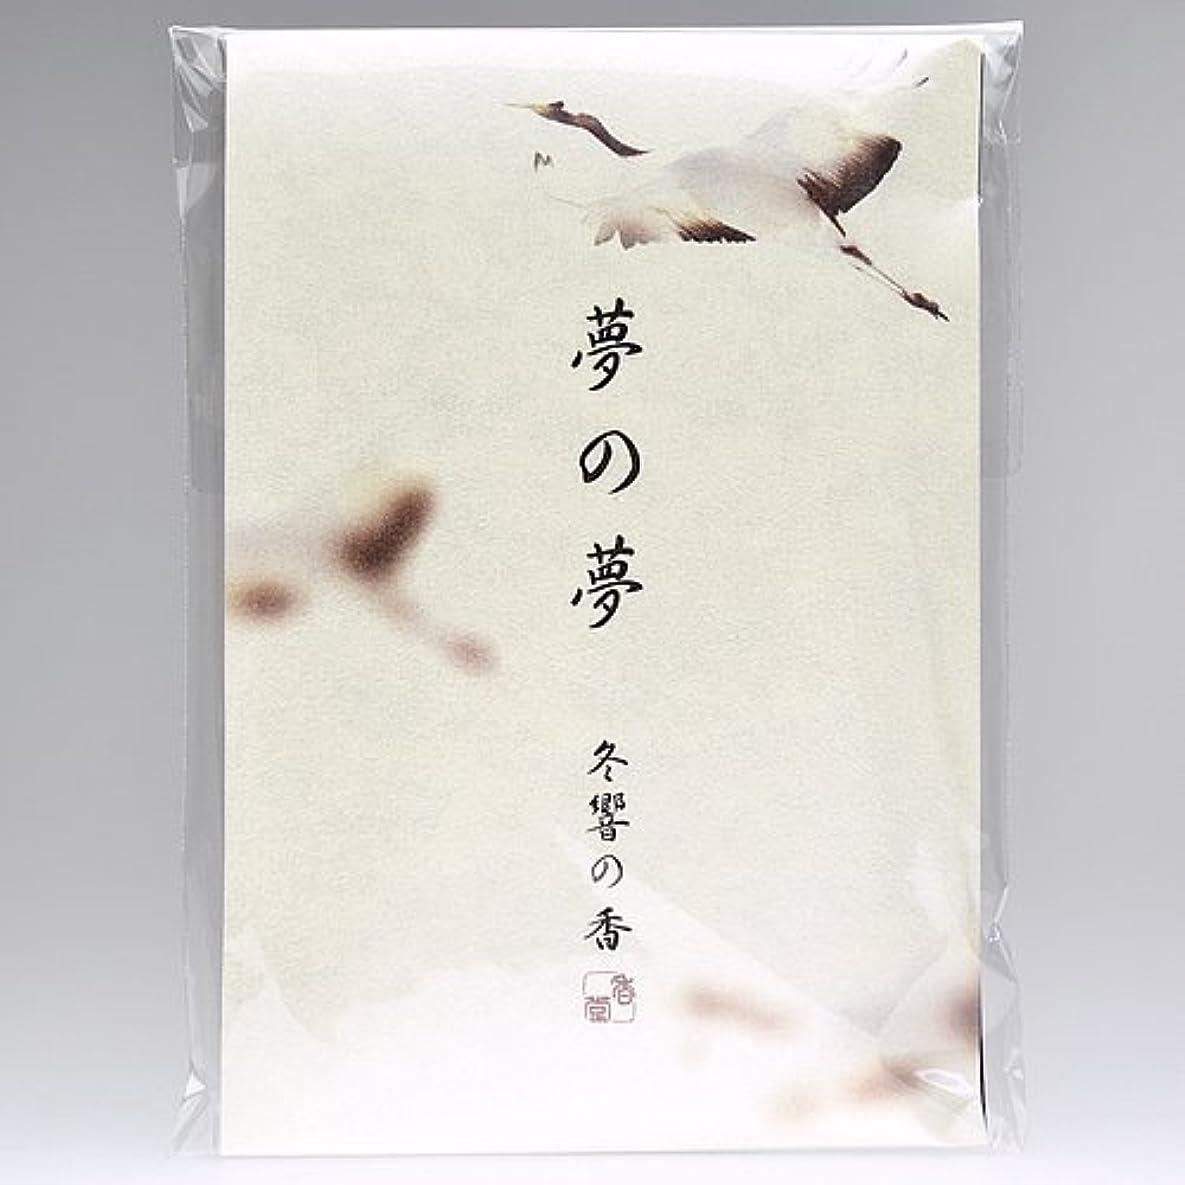 ボリューム贅沢な役立つ夢の夢 冬響の香 (鶴) スティック12本入